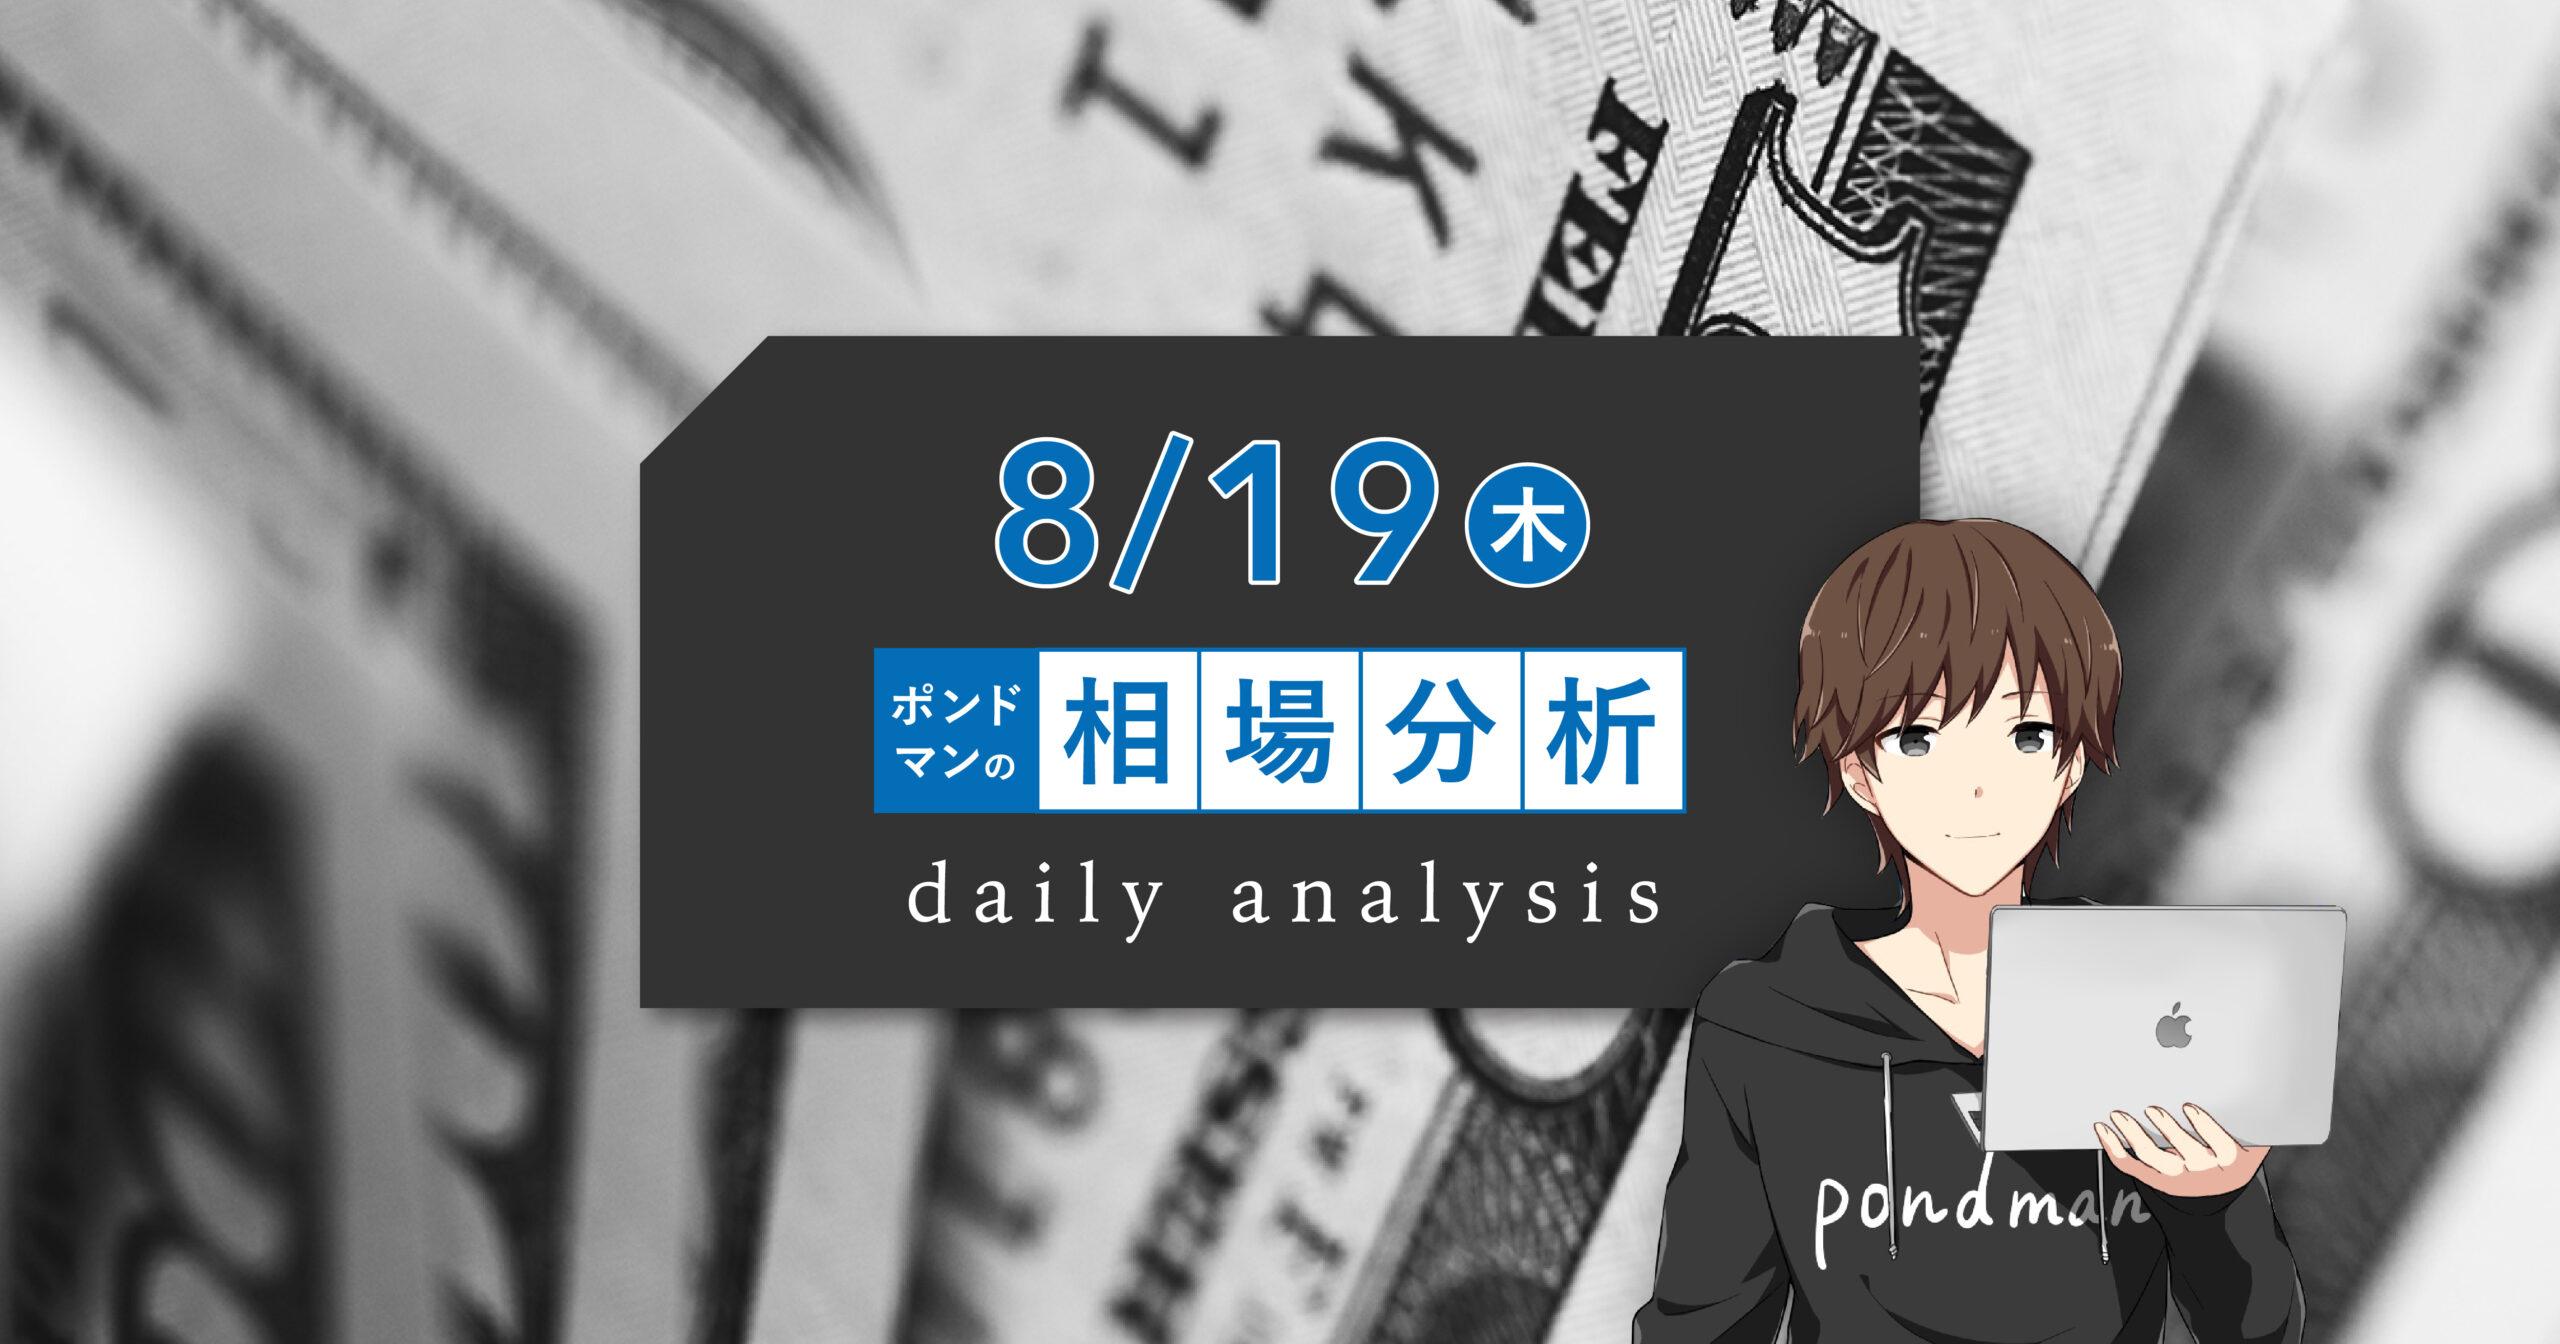 【8月19日トレード分析】ゴールドは下落に転換するのか?!指標のピークアウトに要注意!